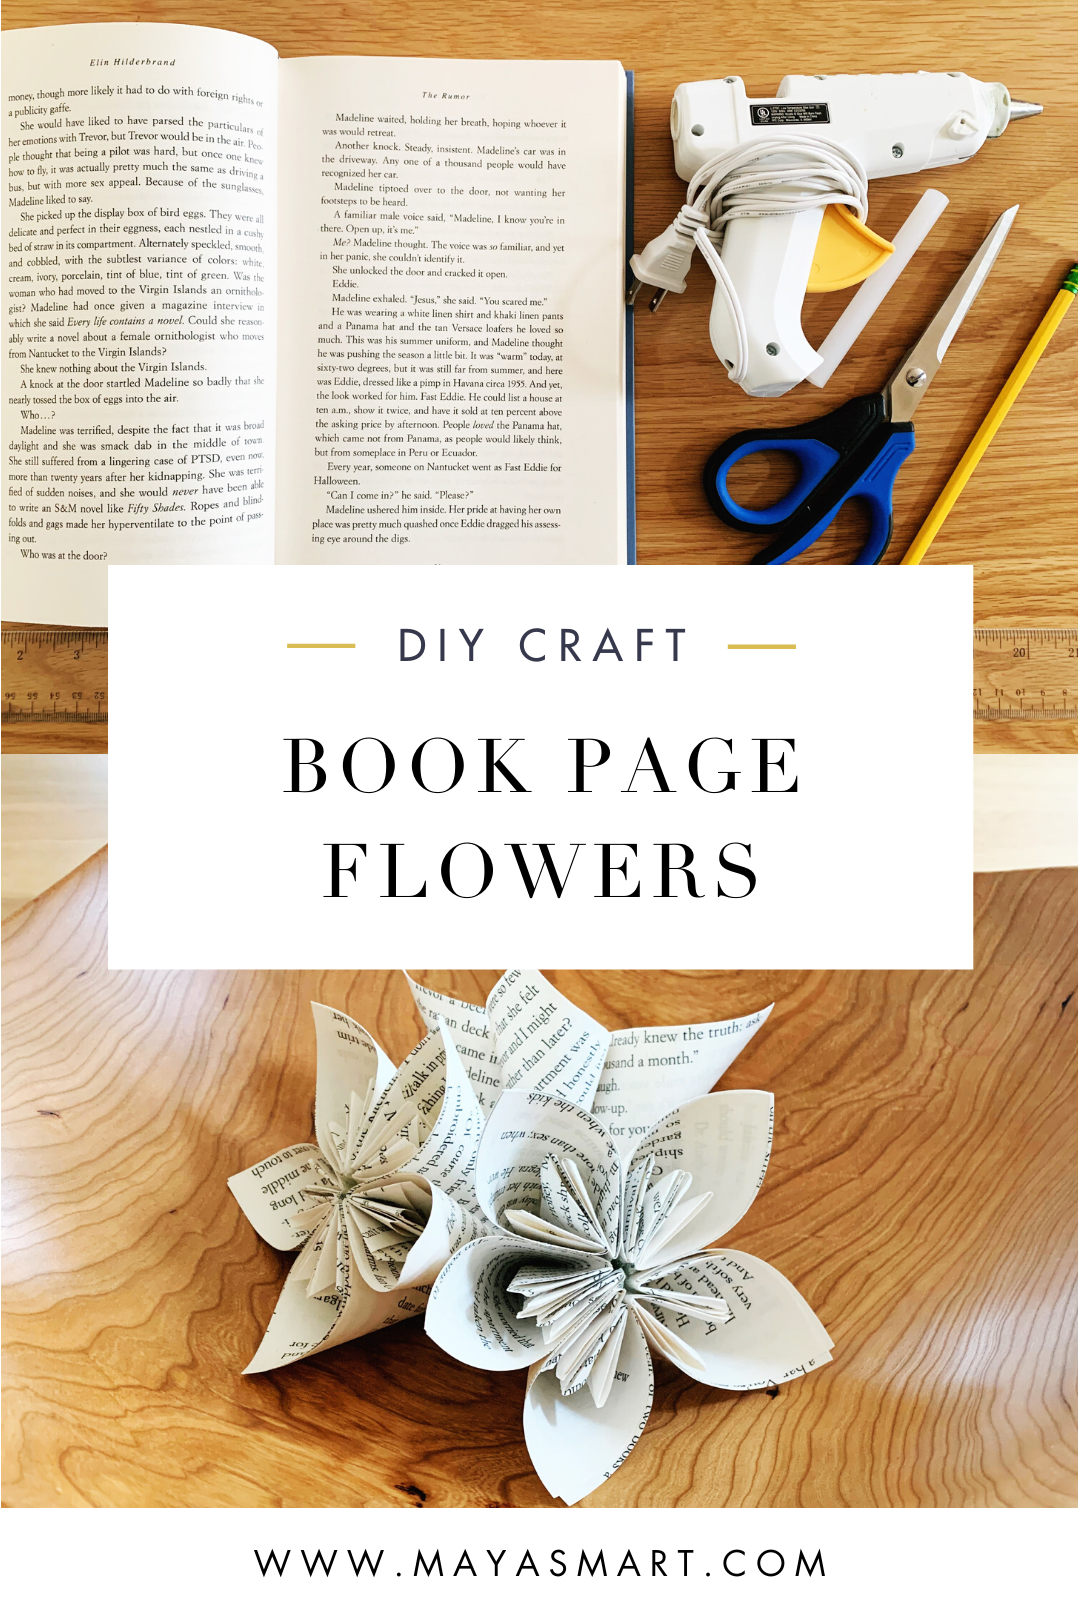 Book Art 3d Pop Up Book Babble Dabble Do Diy Pop Up Book Pop Up Book Book Crafts